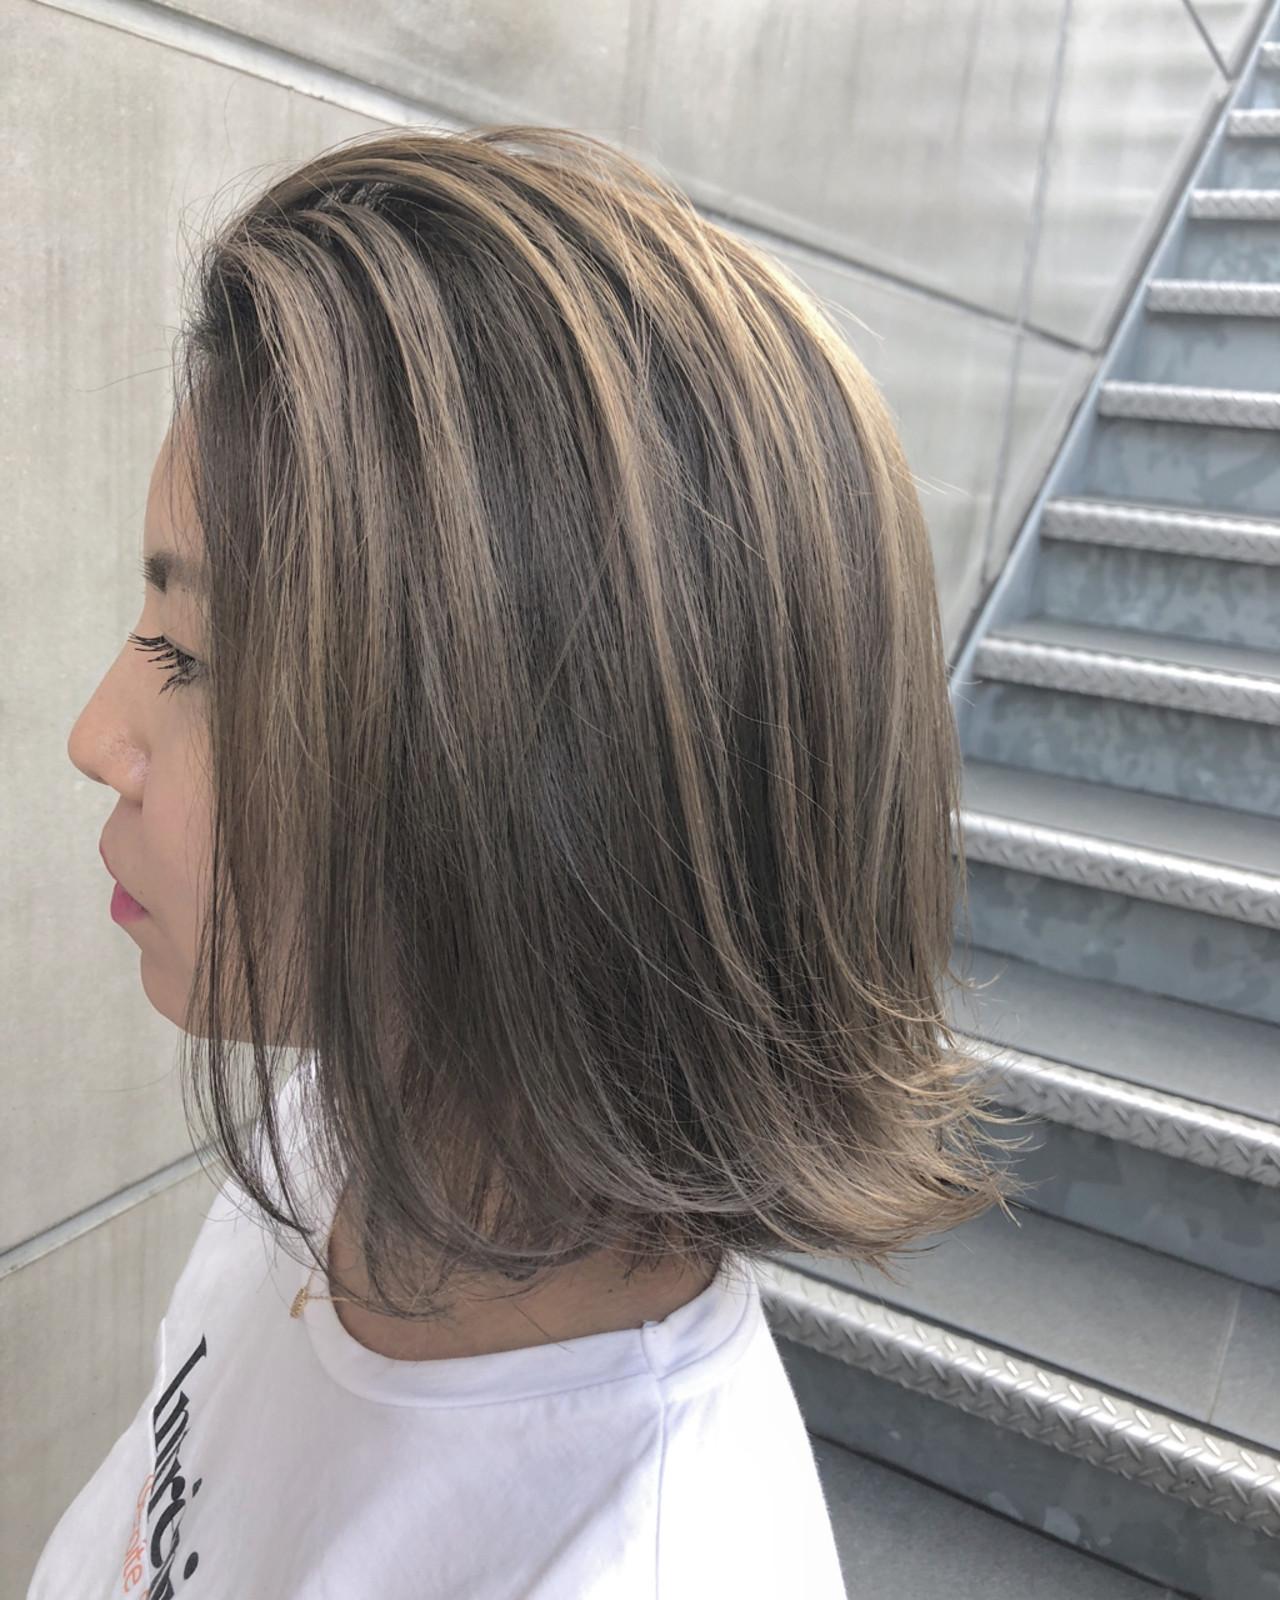 アウトドア 夏 エレガント 簡単ヘアアレンジヘアスタイルや髪型の写真・画像